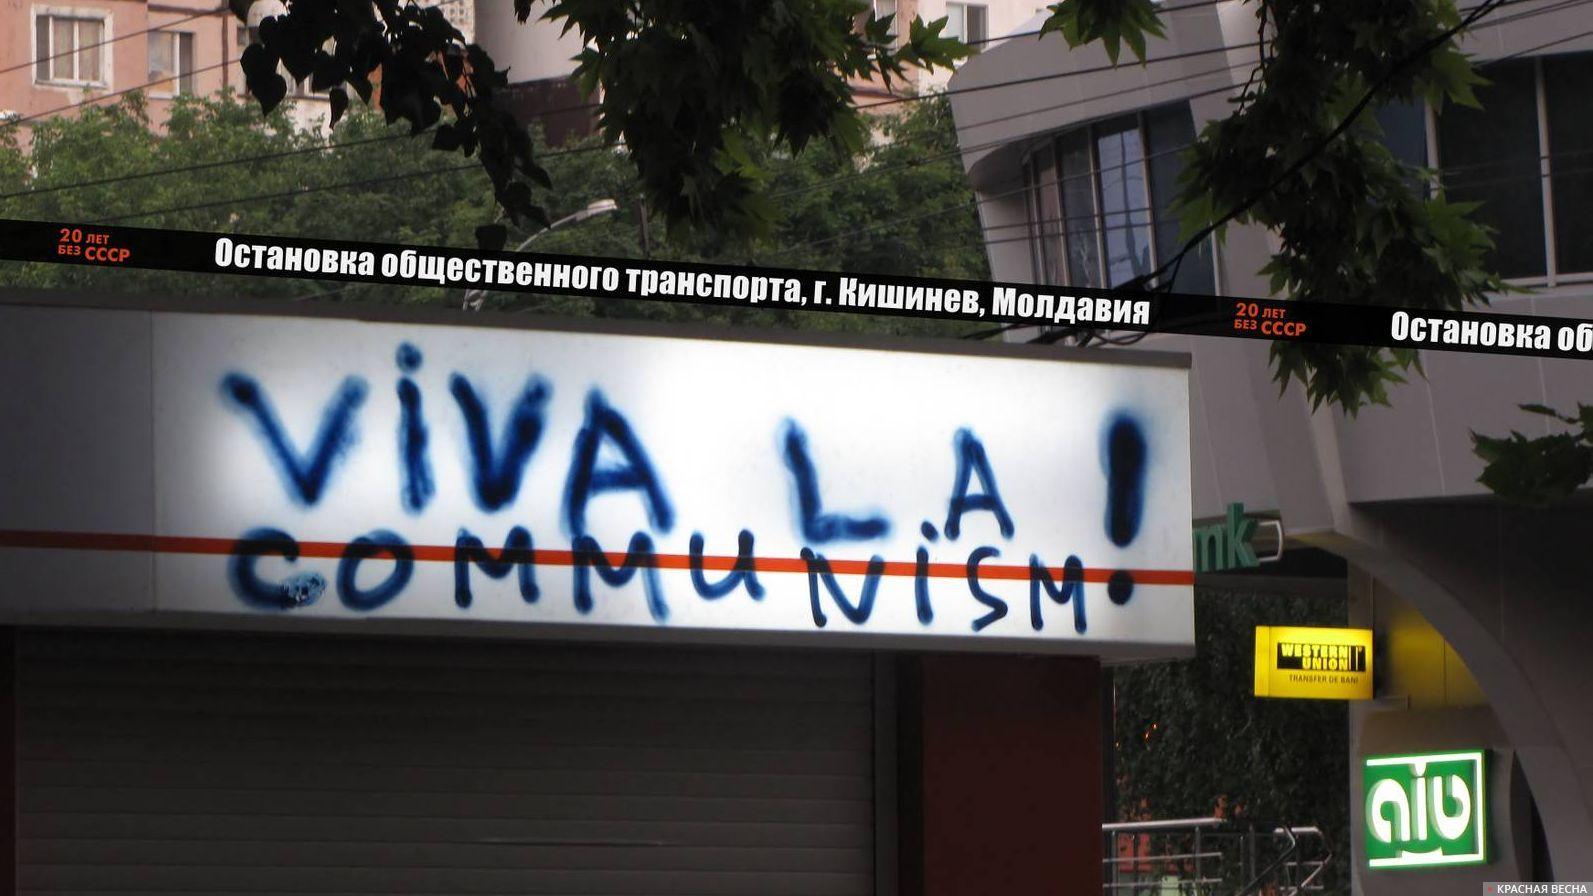 лет без СССР надпись вива коммунизм на остановке Кишинёв Молдавия